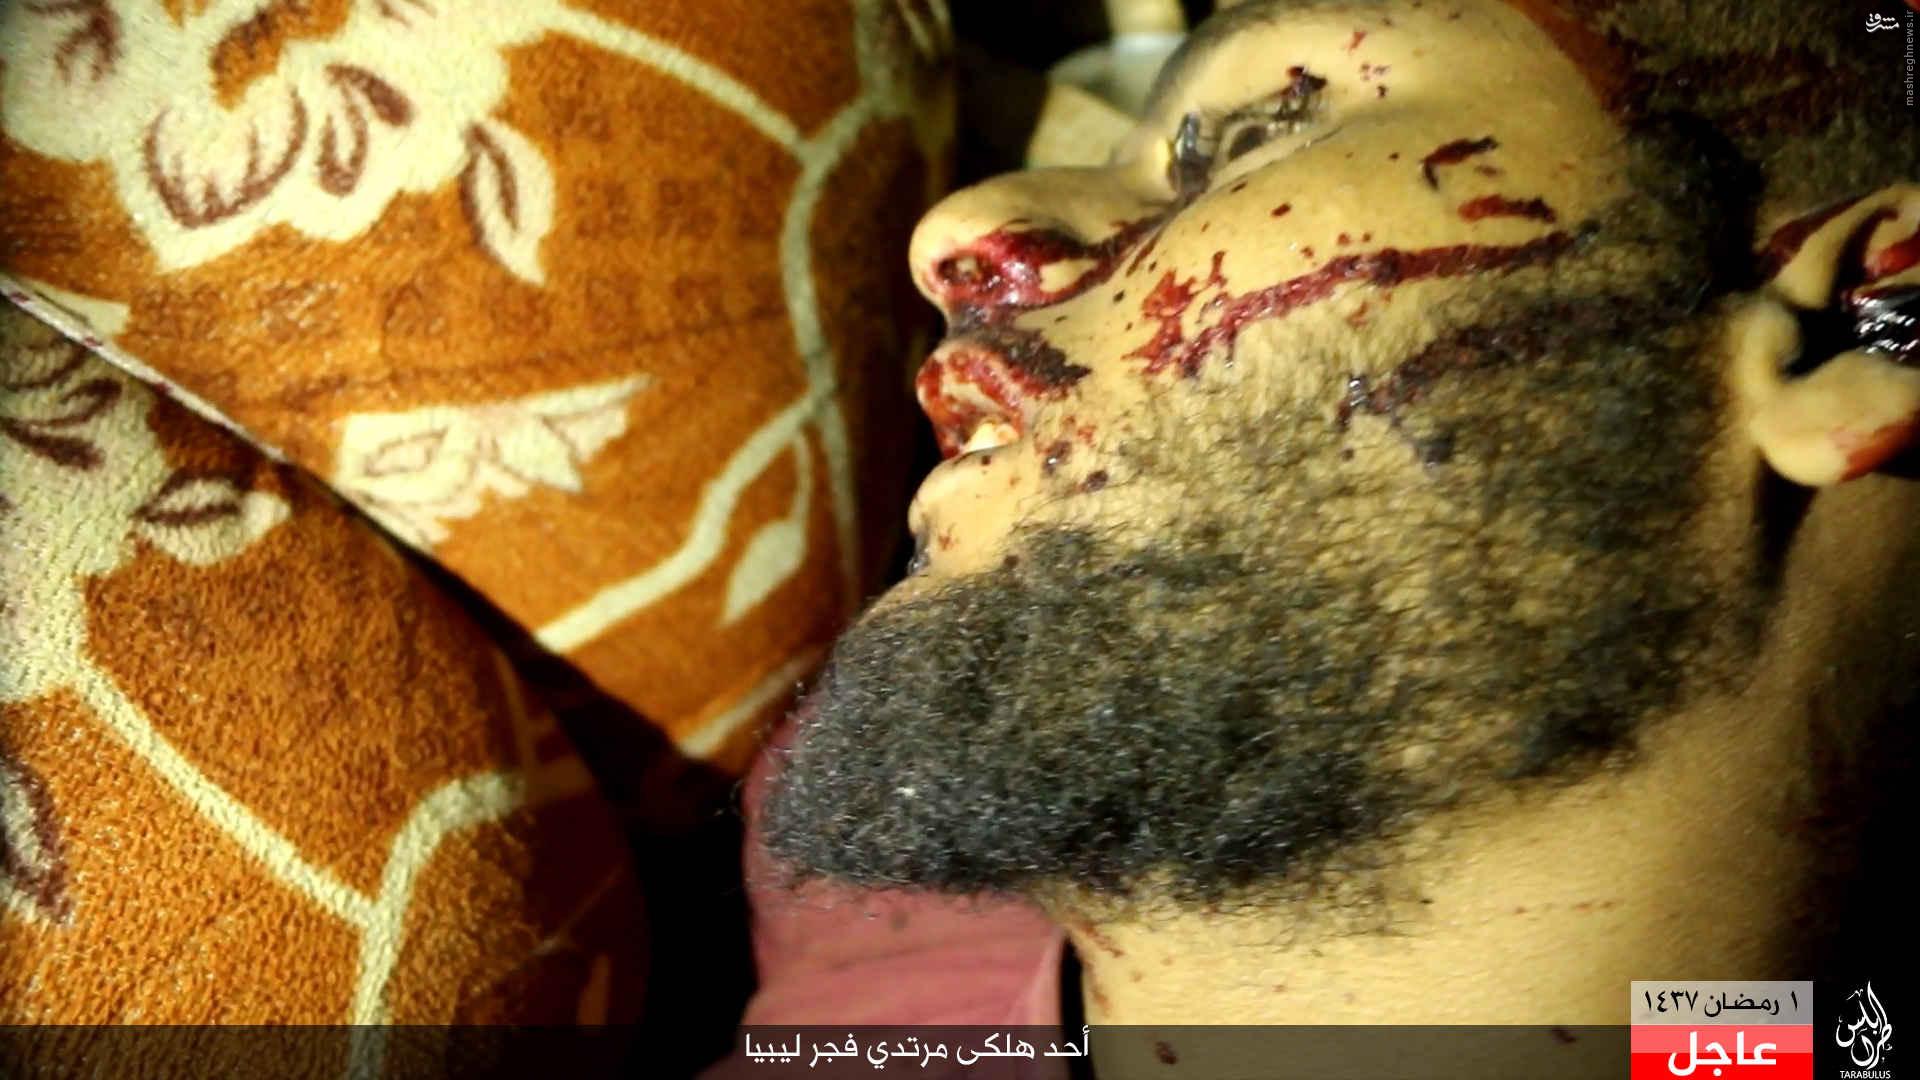 نبردهای سنگین داعش و اخوان المسلمین در لیبی+عکس